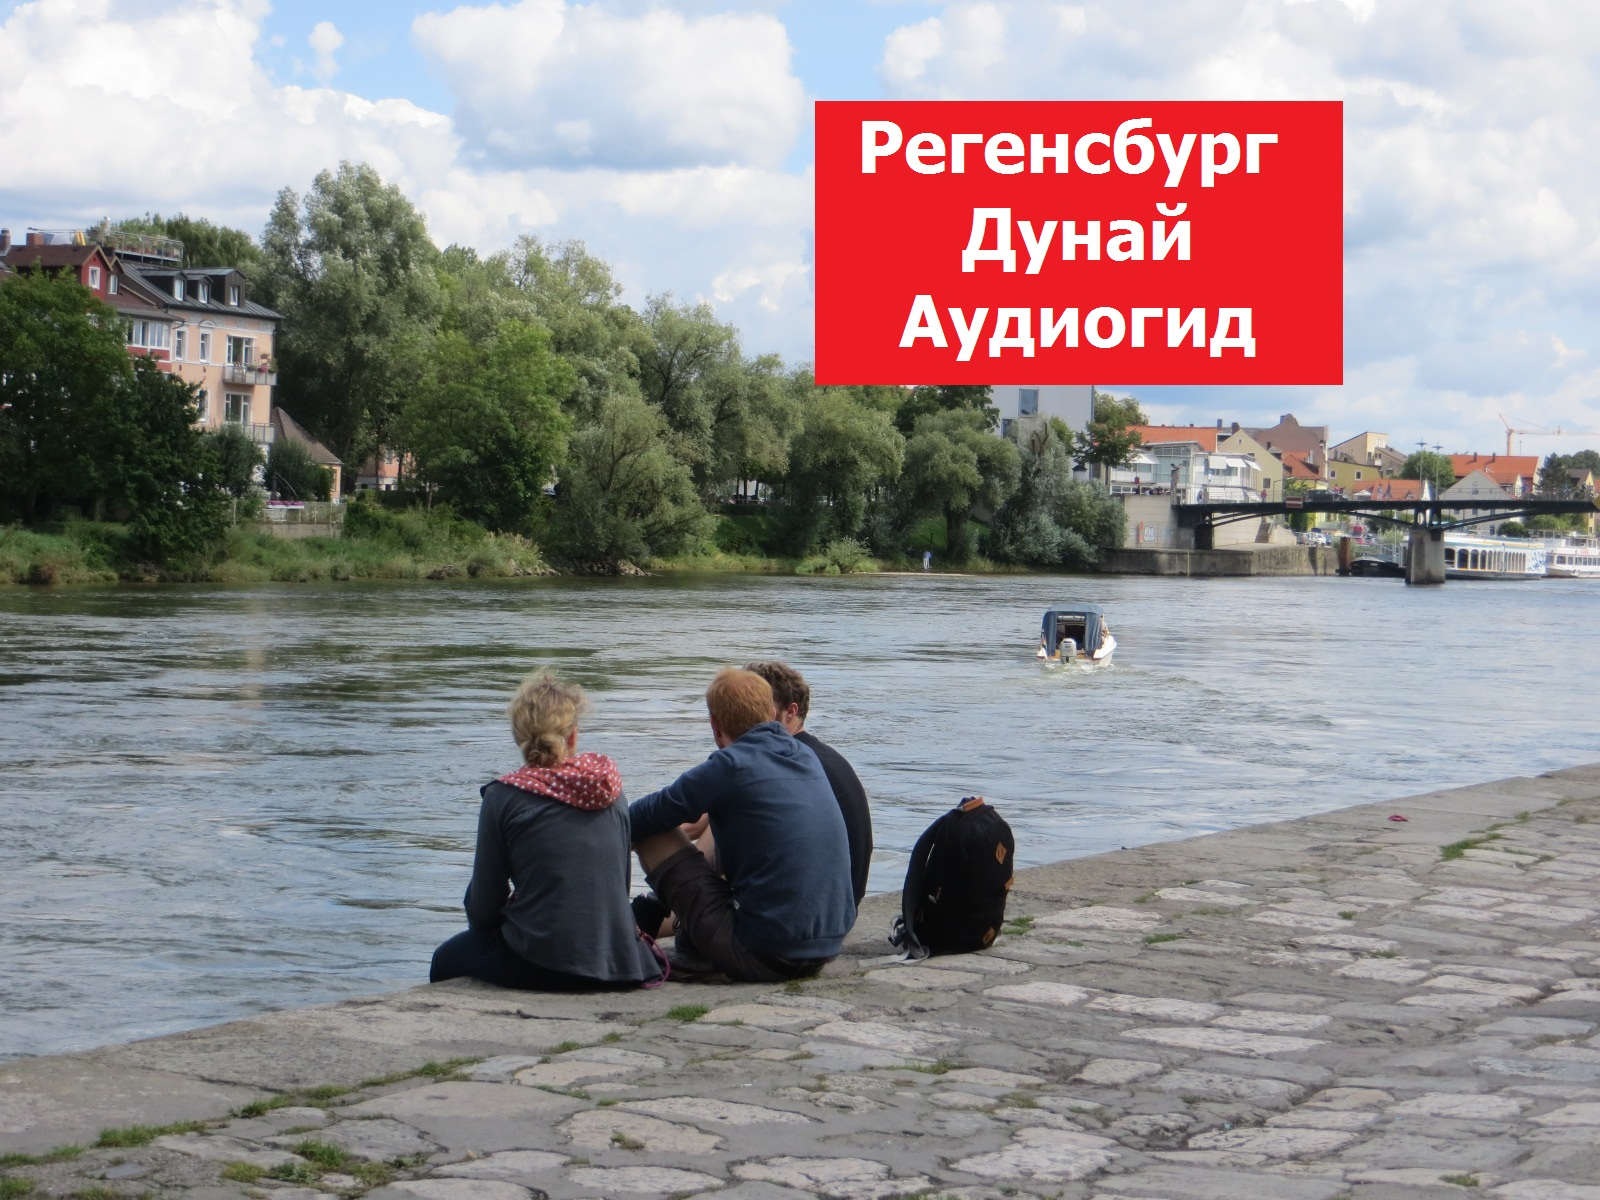 Аудиогид по Регенсбургу. Набережная Дуная. Слушайте на русском языке